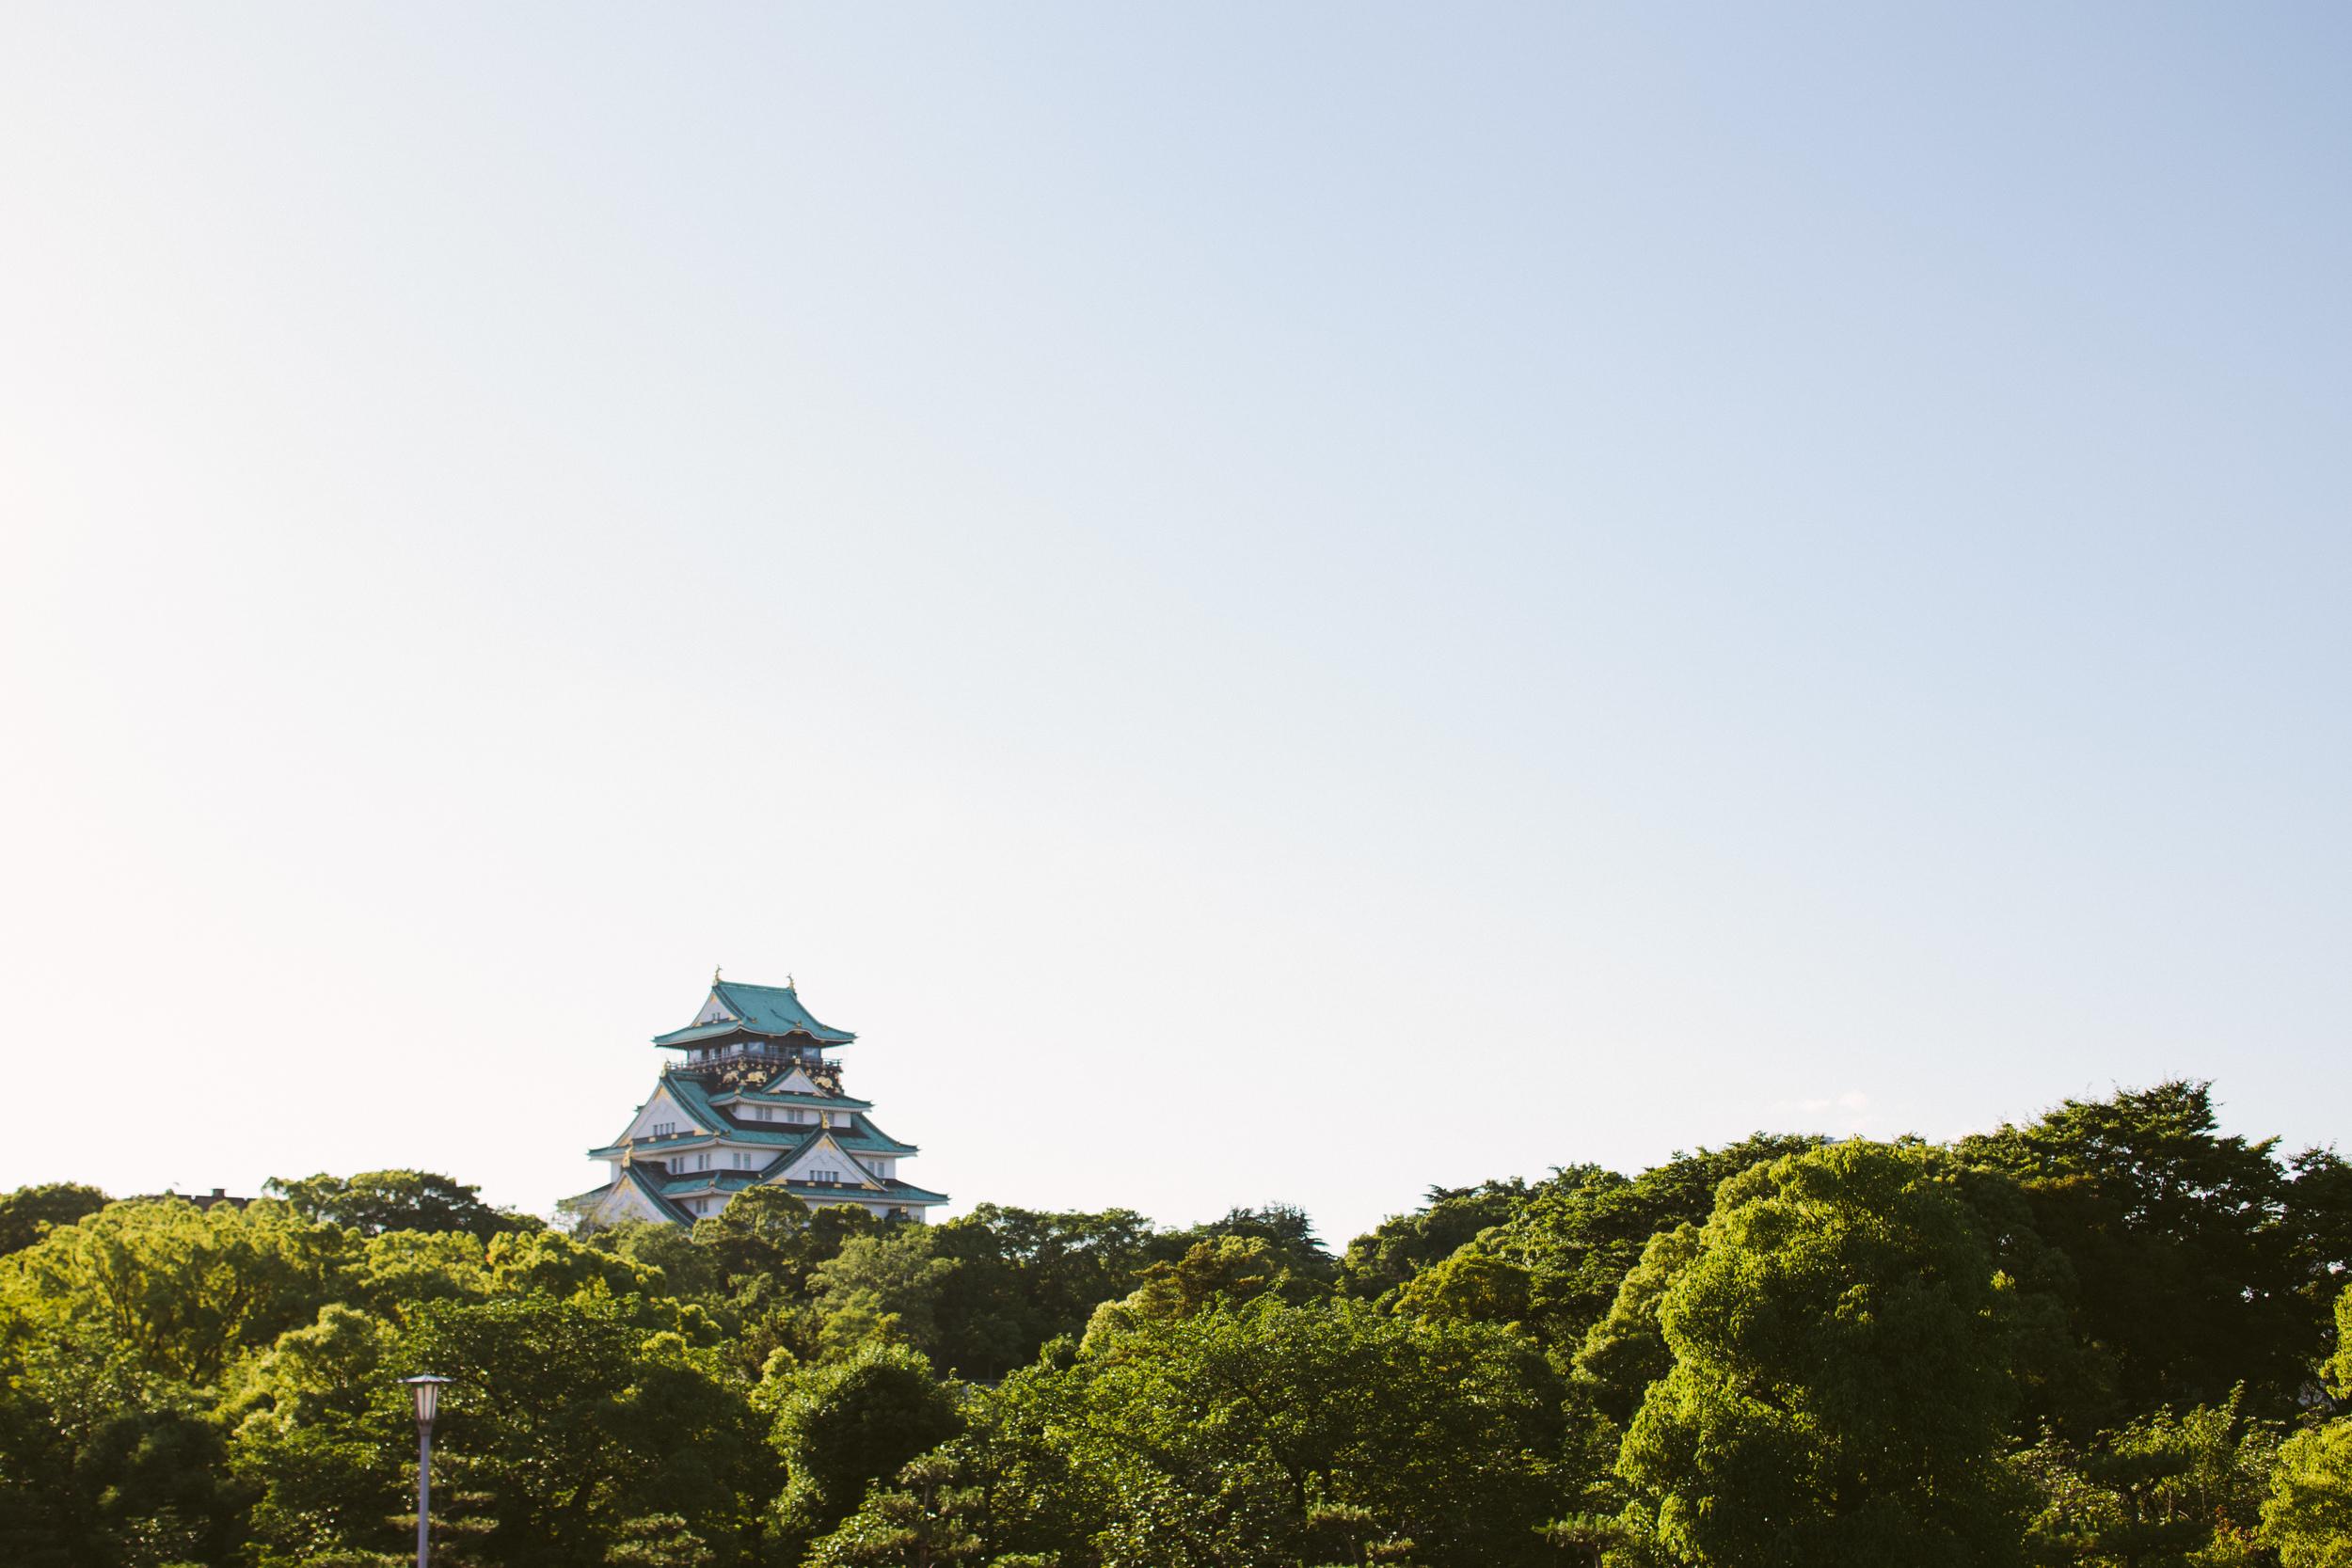 Japan, DC Photography, Dan Chern Photography, Bay Area Photography, Wedding Photography, Travel, Travel Photography, Tokyo, Kyoto, Odaiba, Osaka, Osaka Aquarium, Osaka Castle